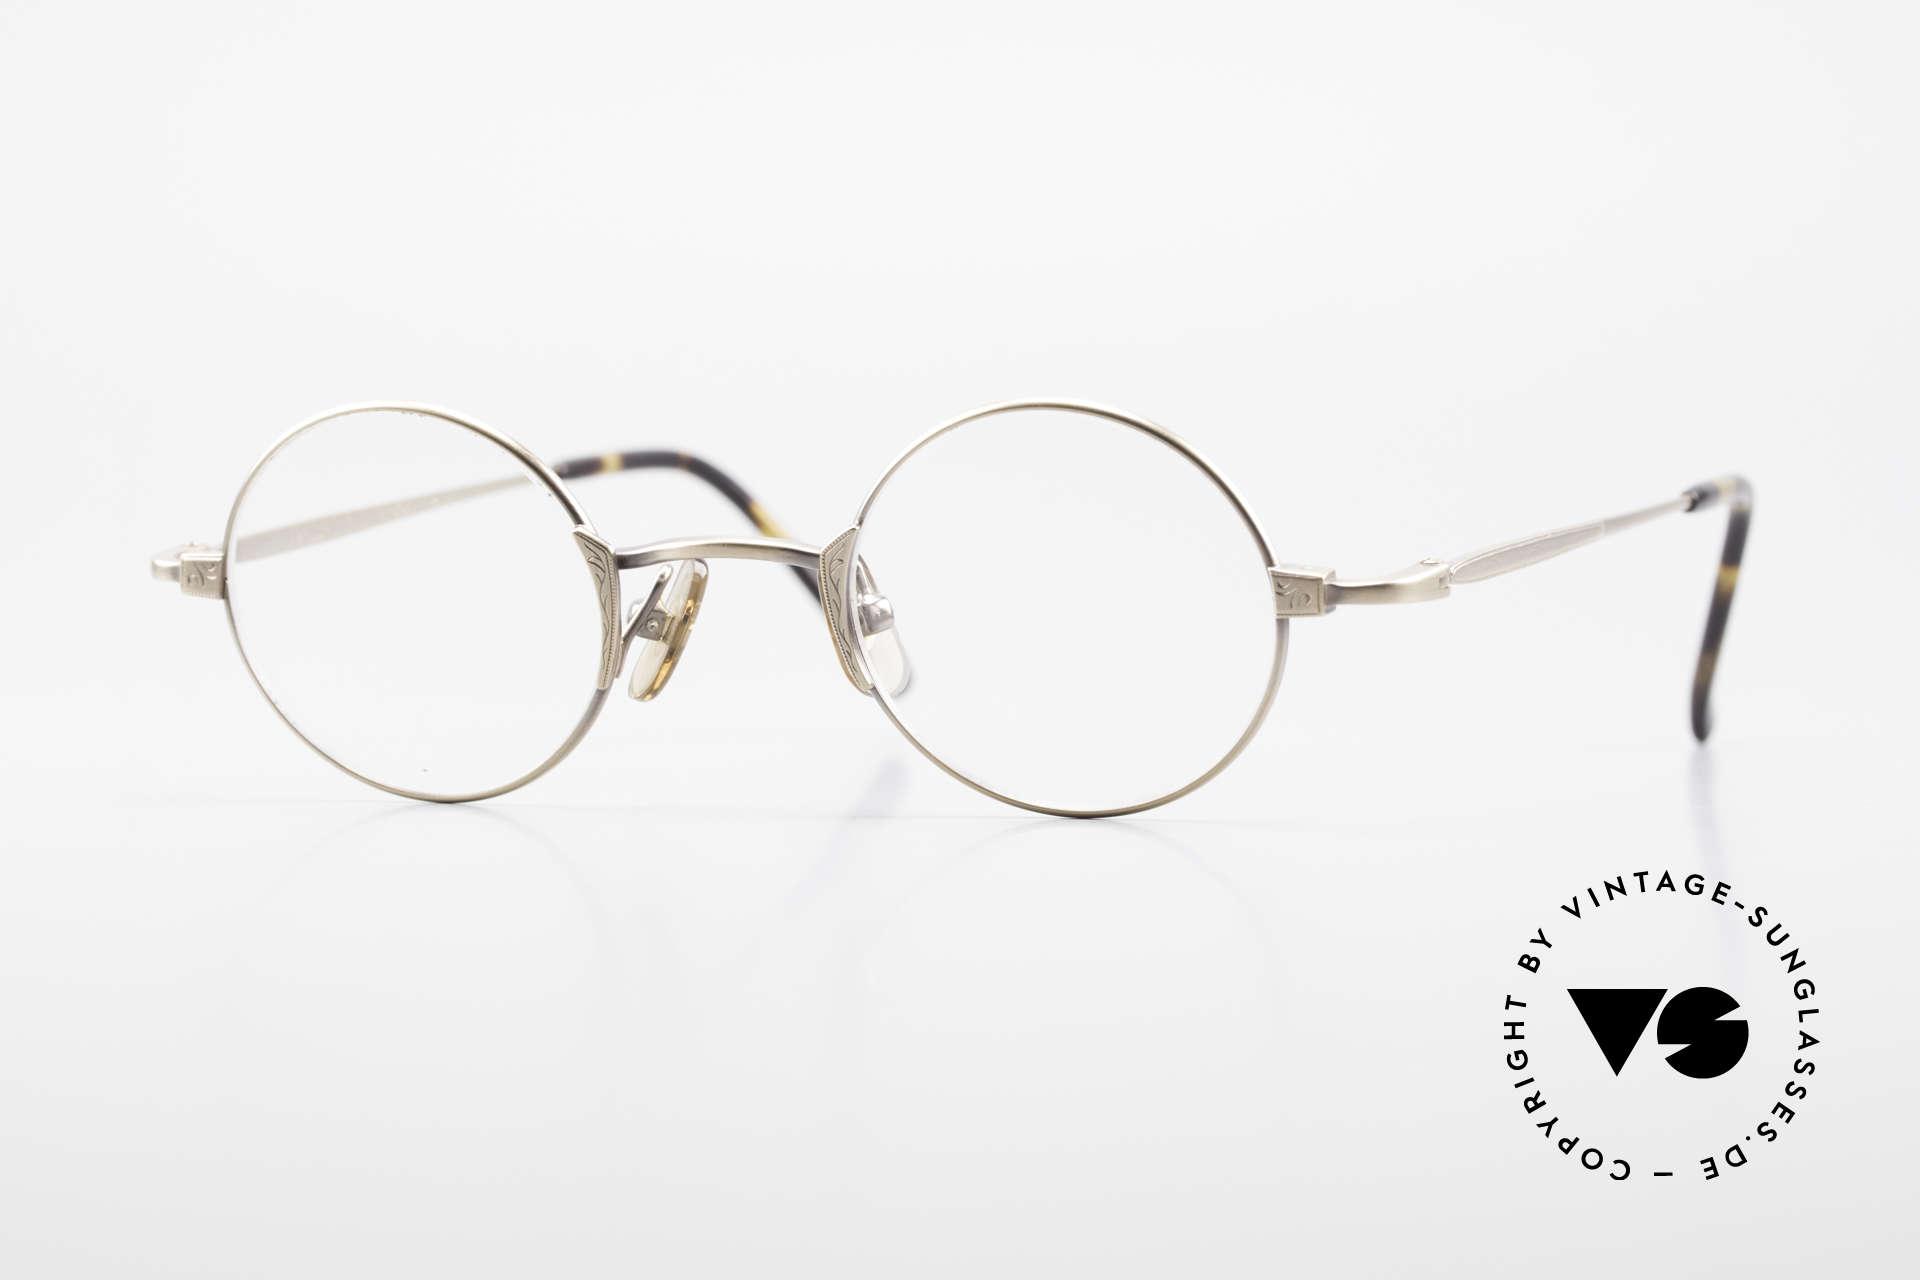 Freudenhaus Tori Kleine Runde Designer Brille, vintage Brillenfassung von FREUDENHAUS, München, Passend für Herren und Damen